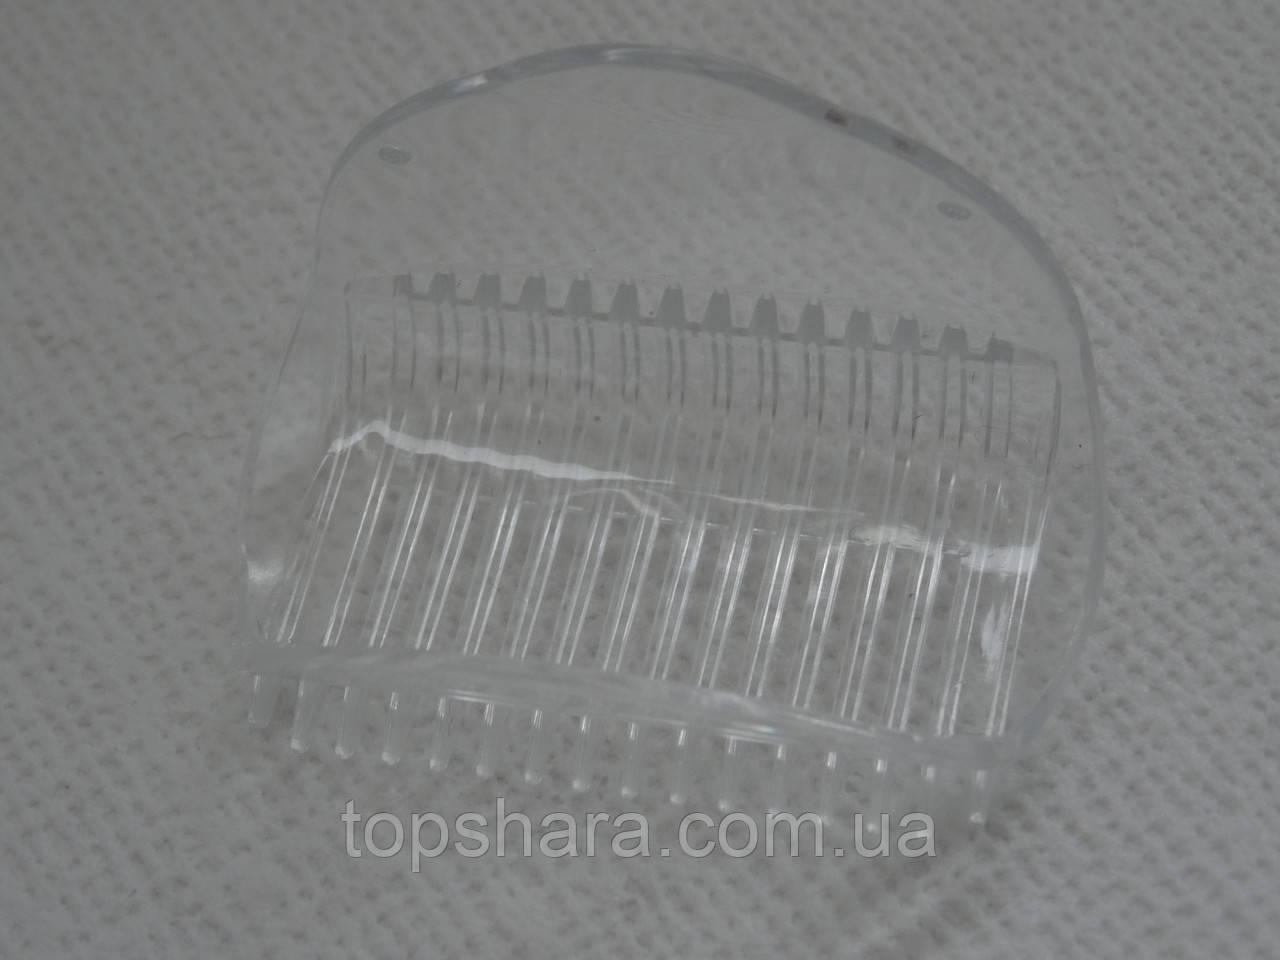 Гребень для подравнивания эпилятора Philips HP6581 HP6577 HP6583